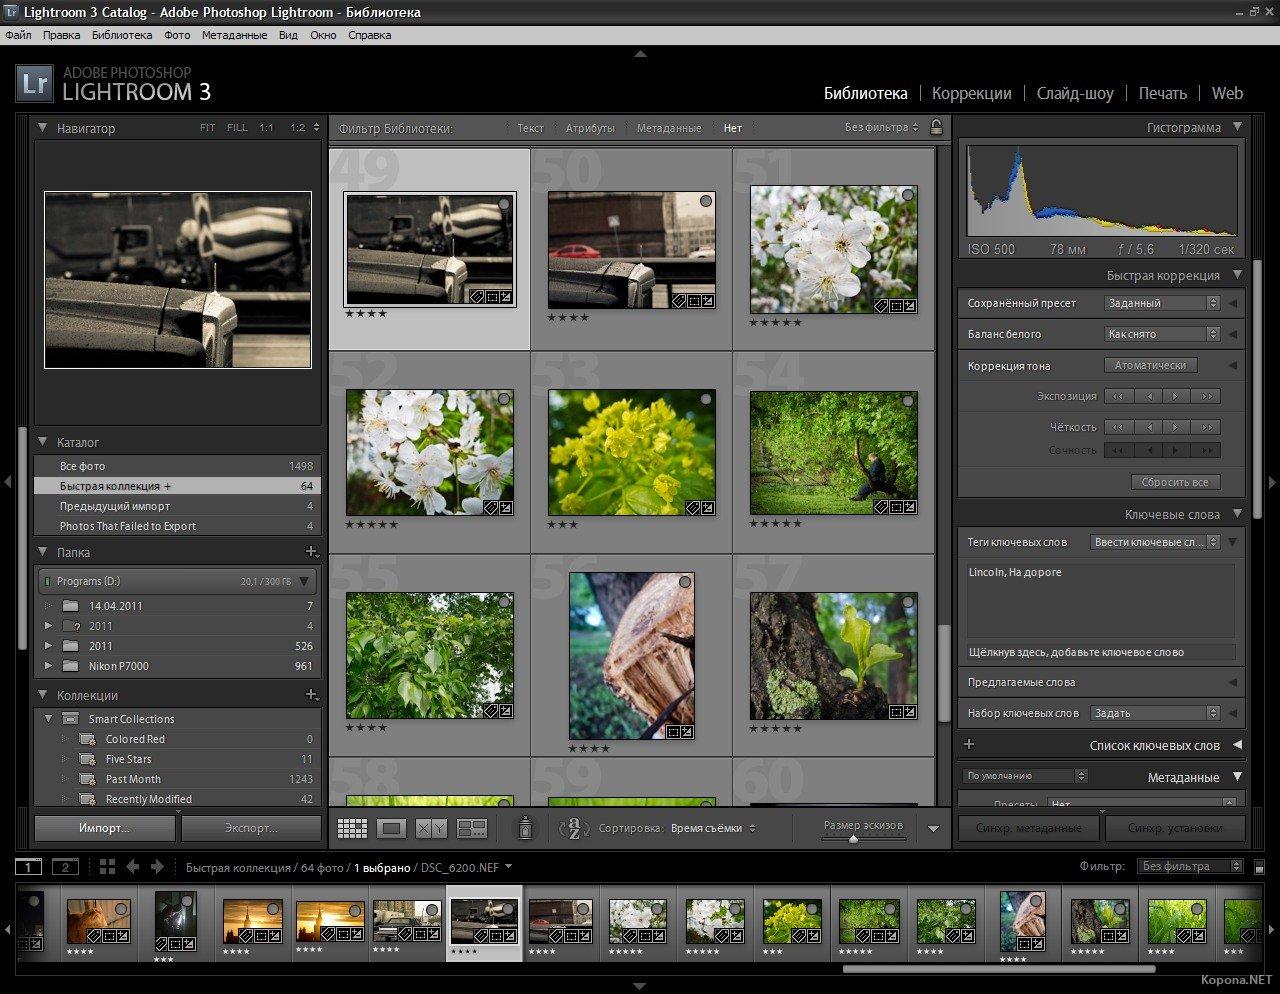 Adobe photoshop lightroom v3 4.1 serial number free download